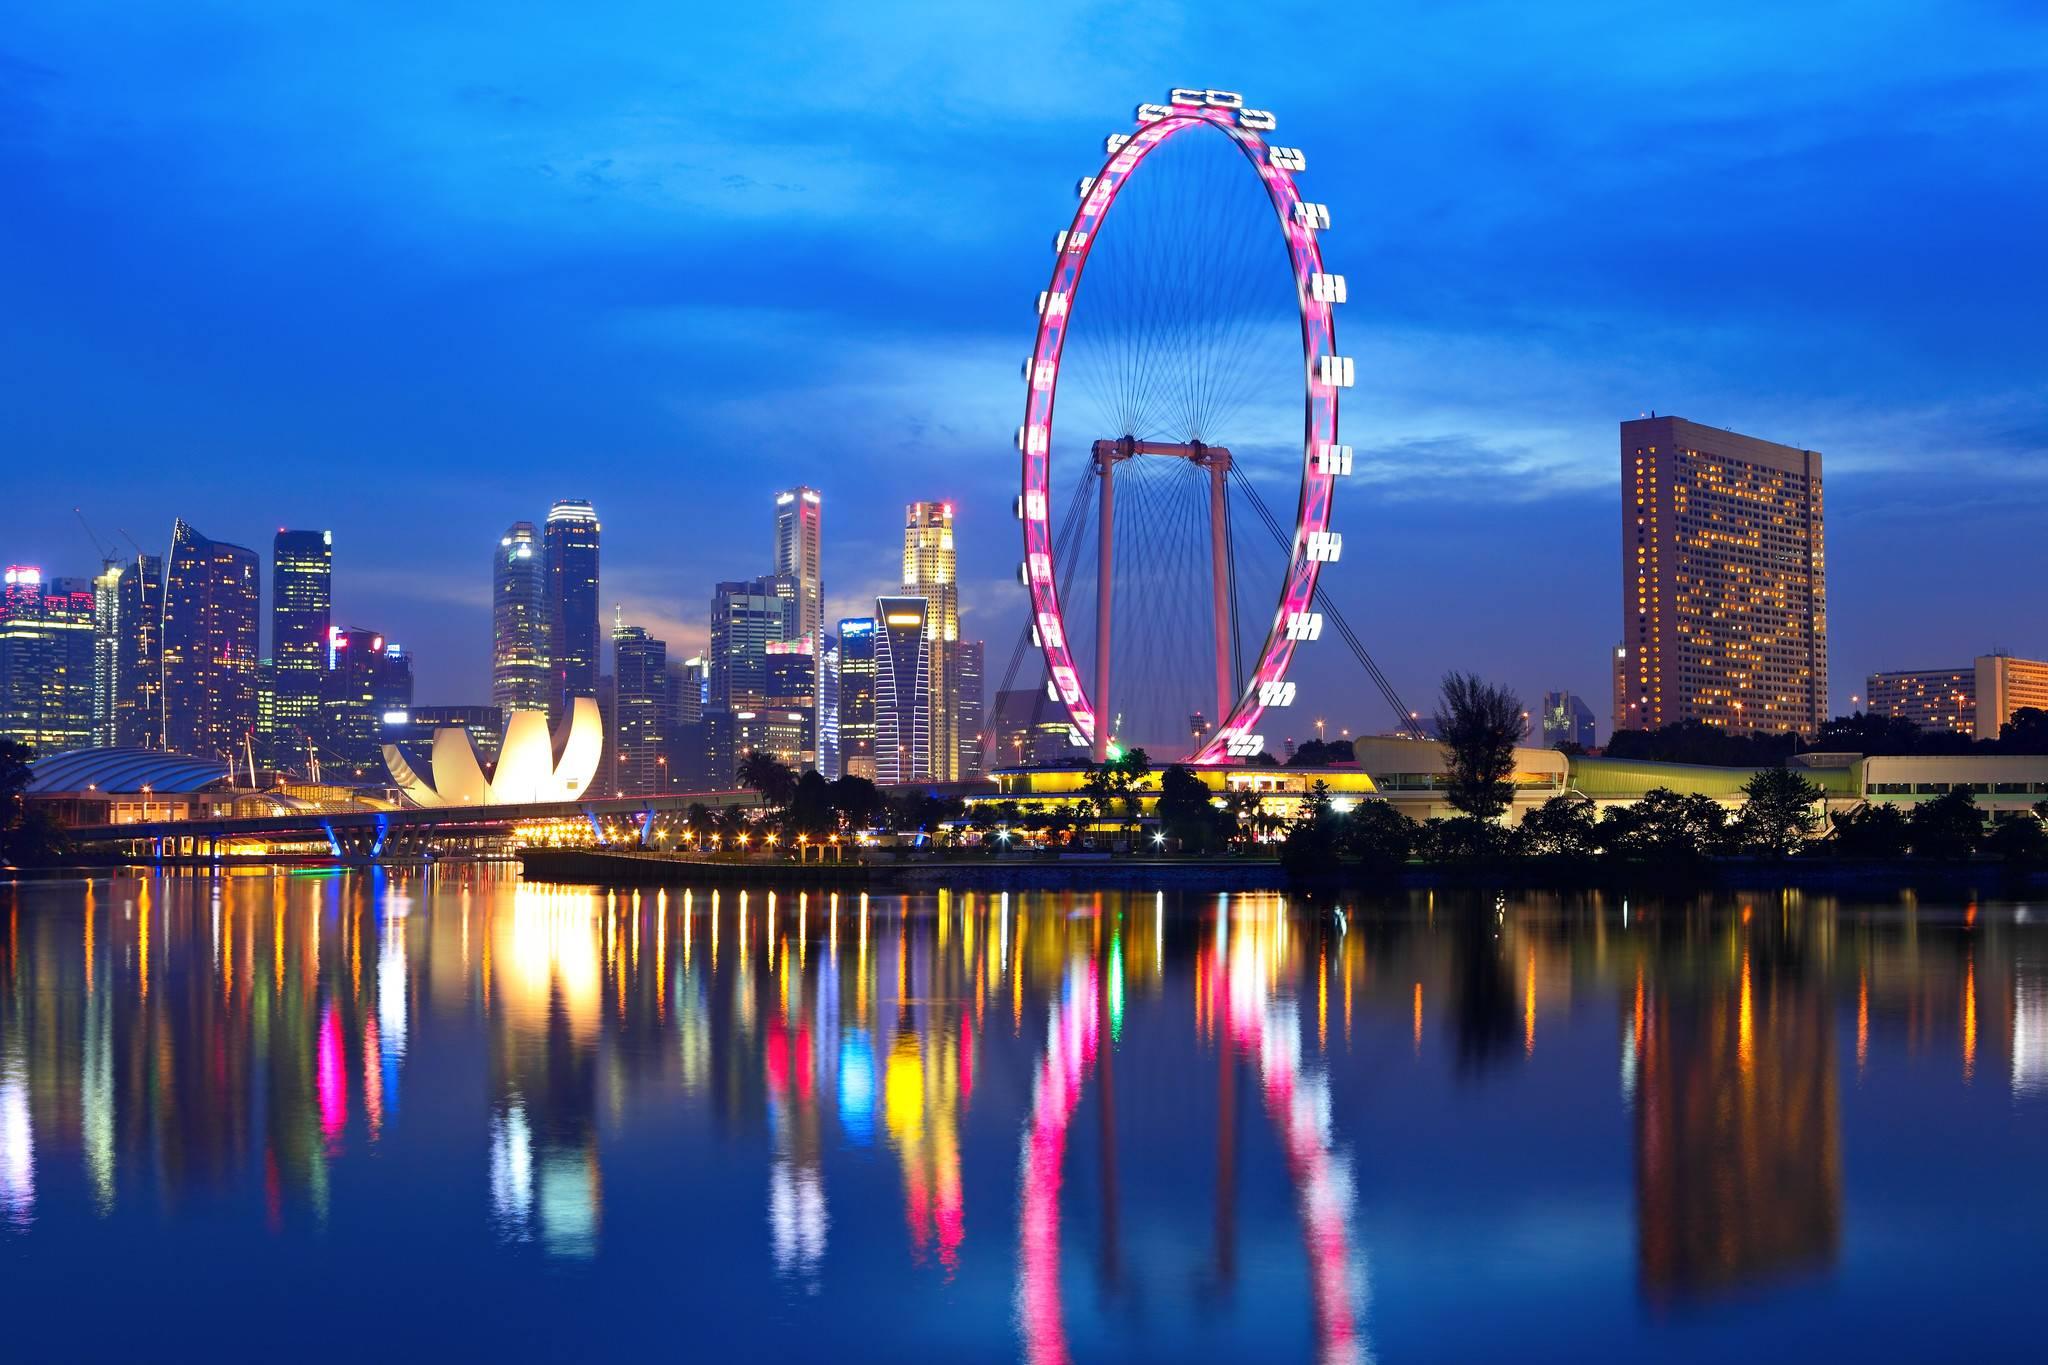 新加坡,金融科技,快捷沙盒,监管机制